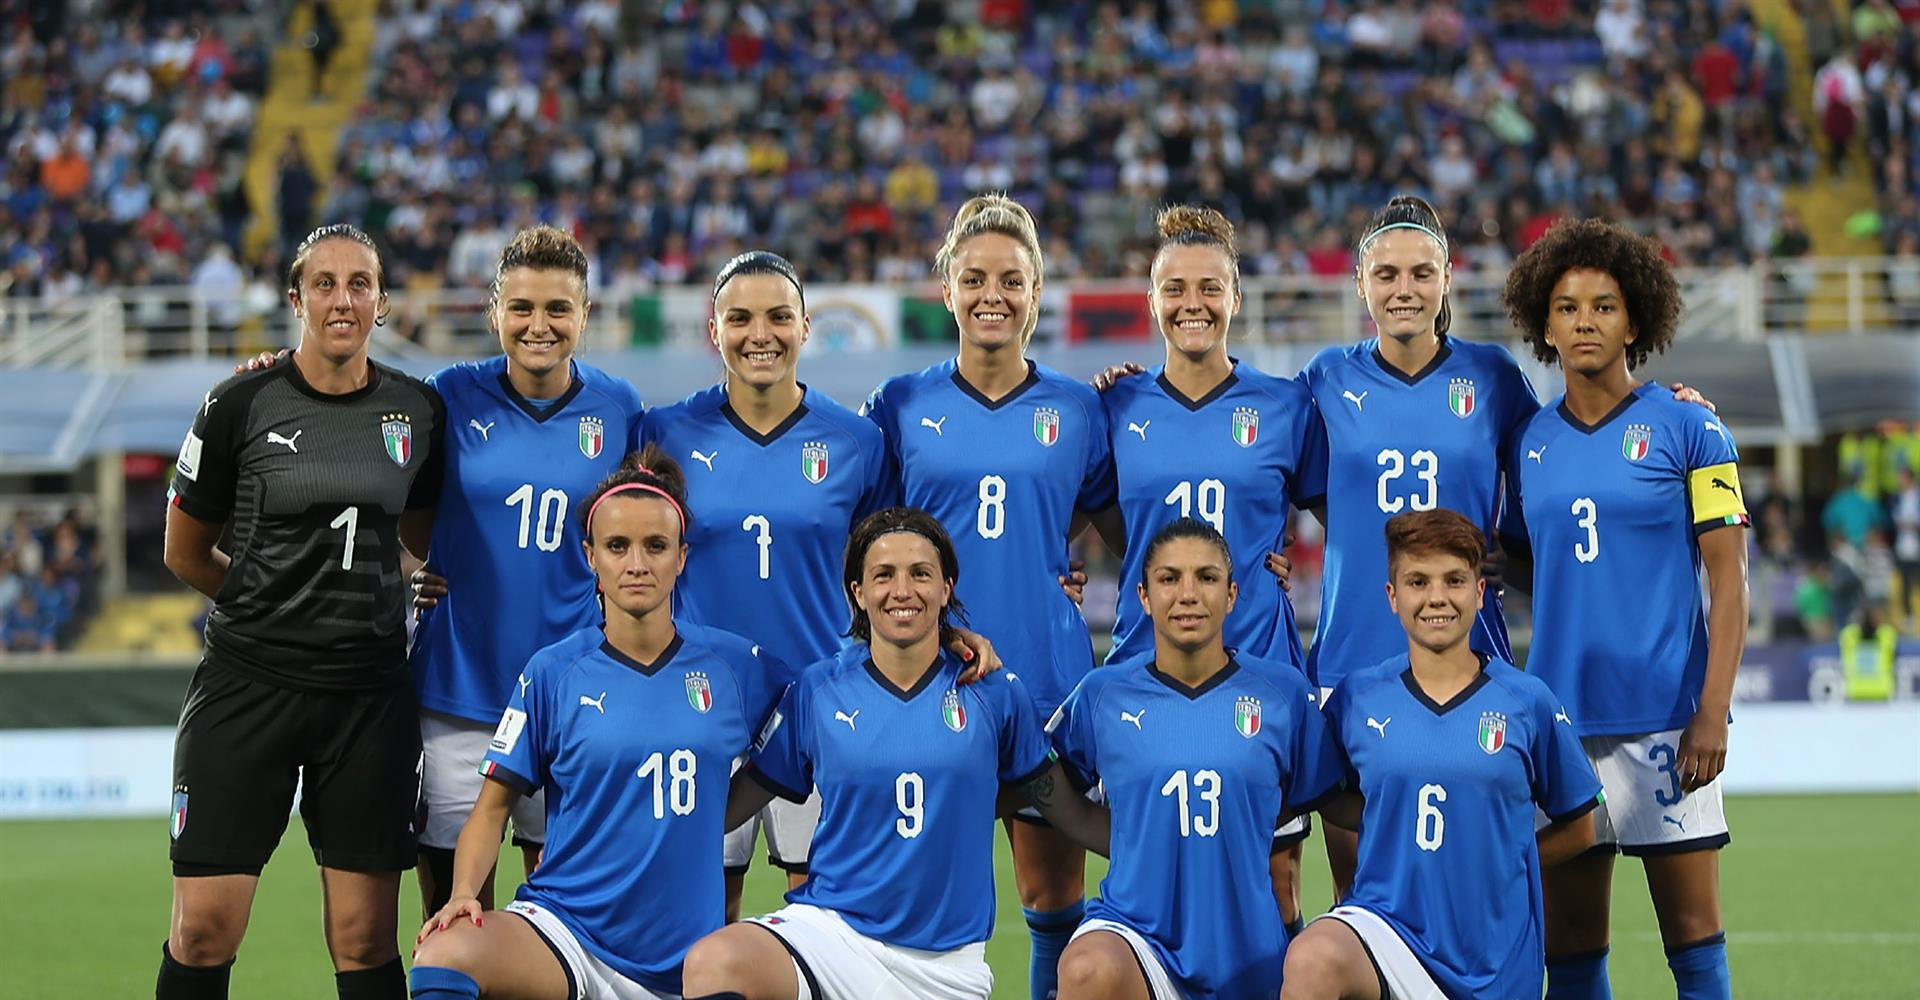 Le azzurre di Milena Bertolini durante i campionati mondiali di calcio femminile 2019, in cui l'Italia ha raggiunto i quarti di finale